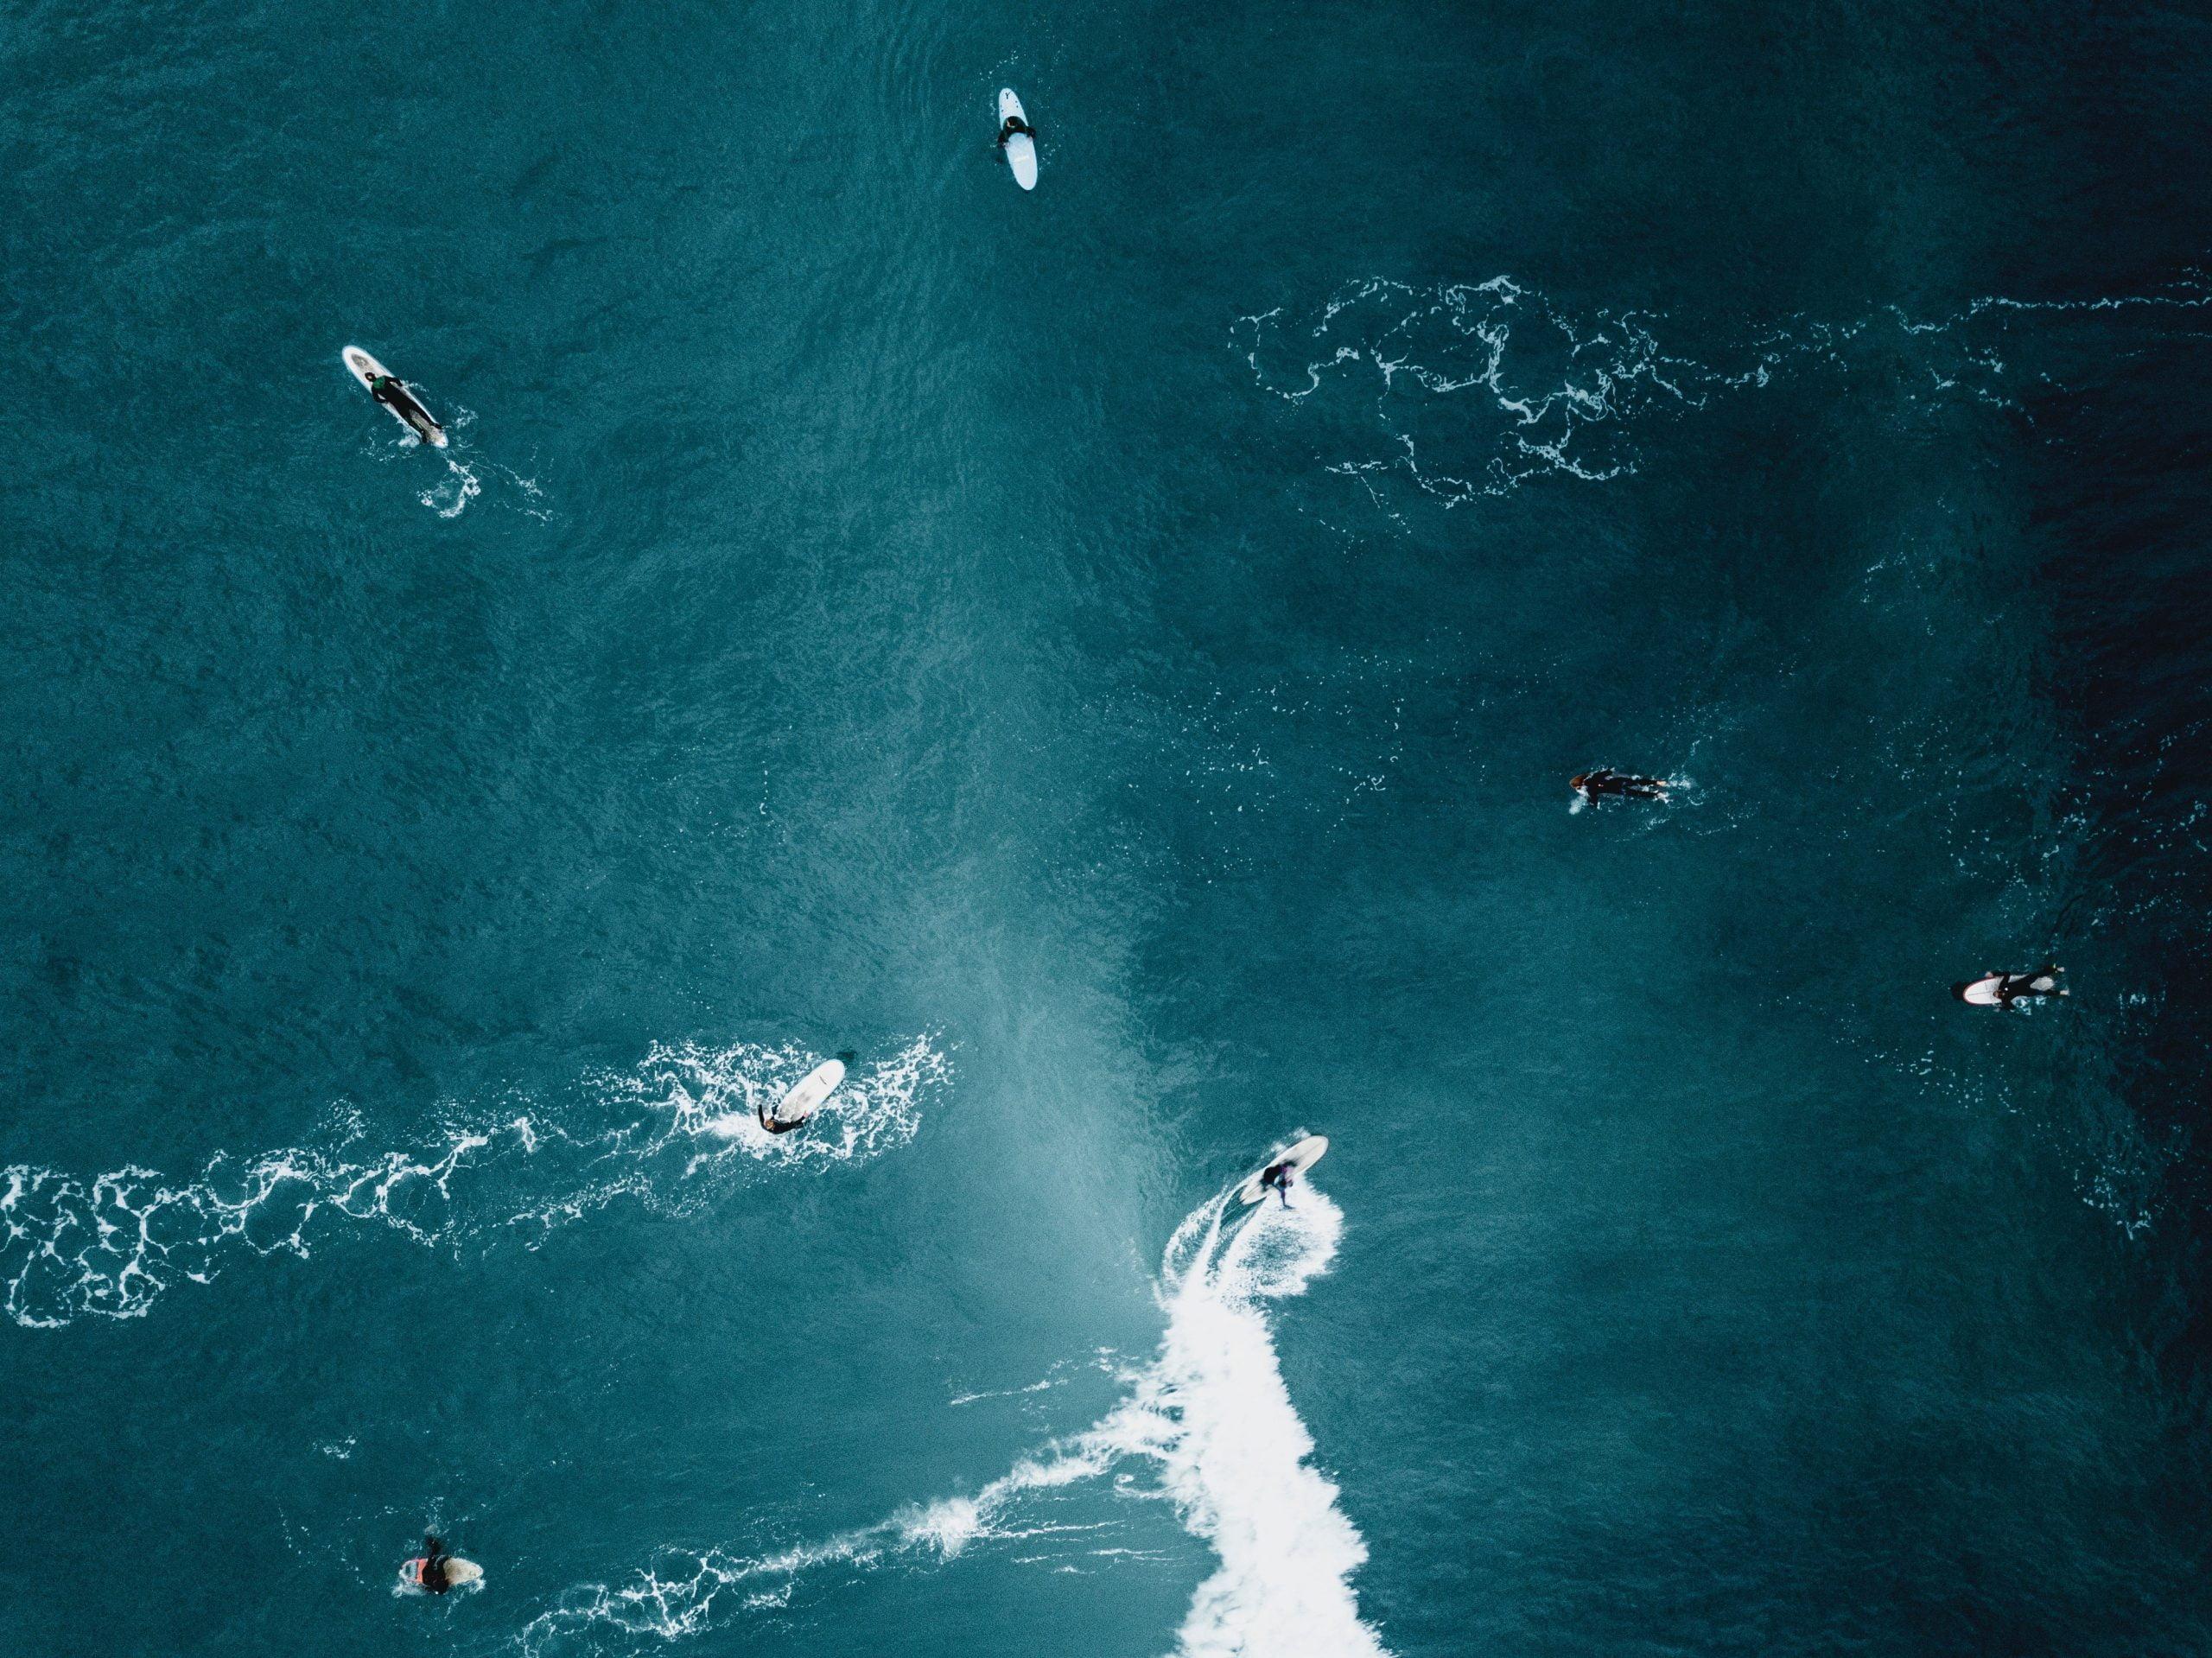 Surfers in helder blauw water